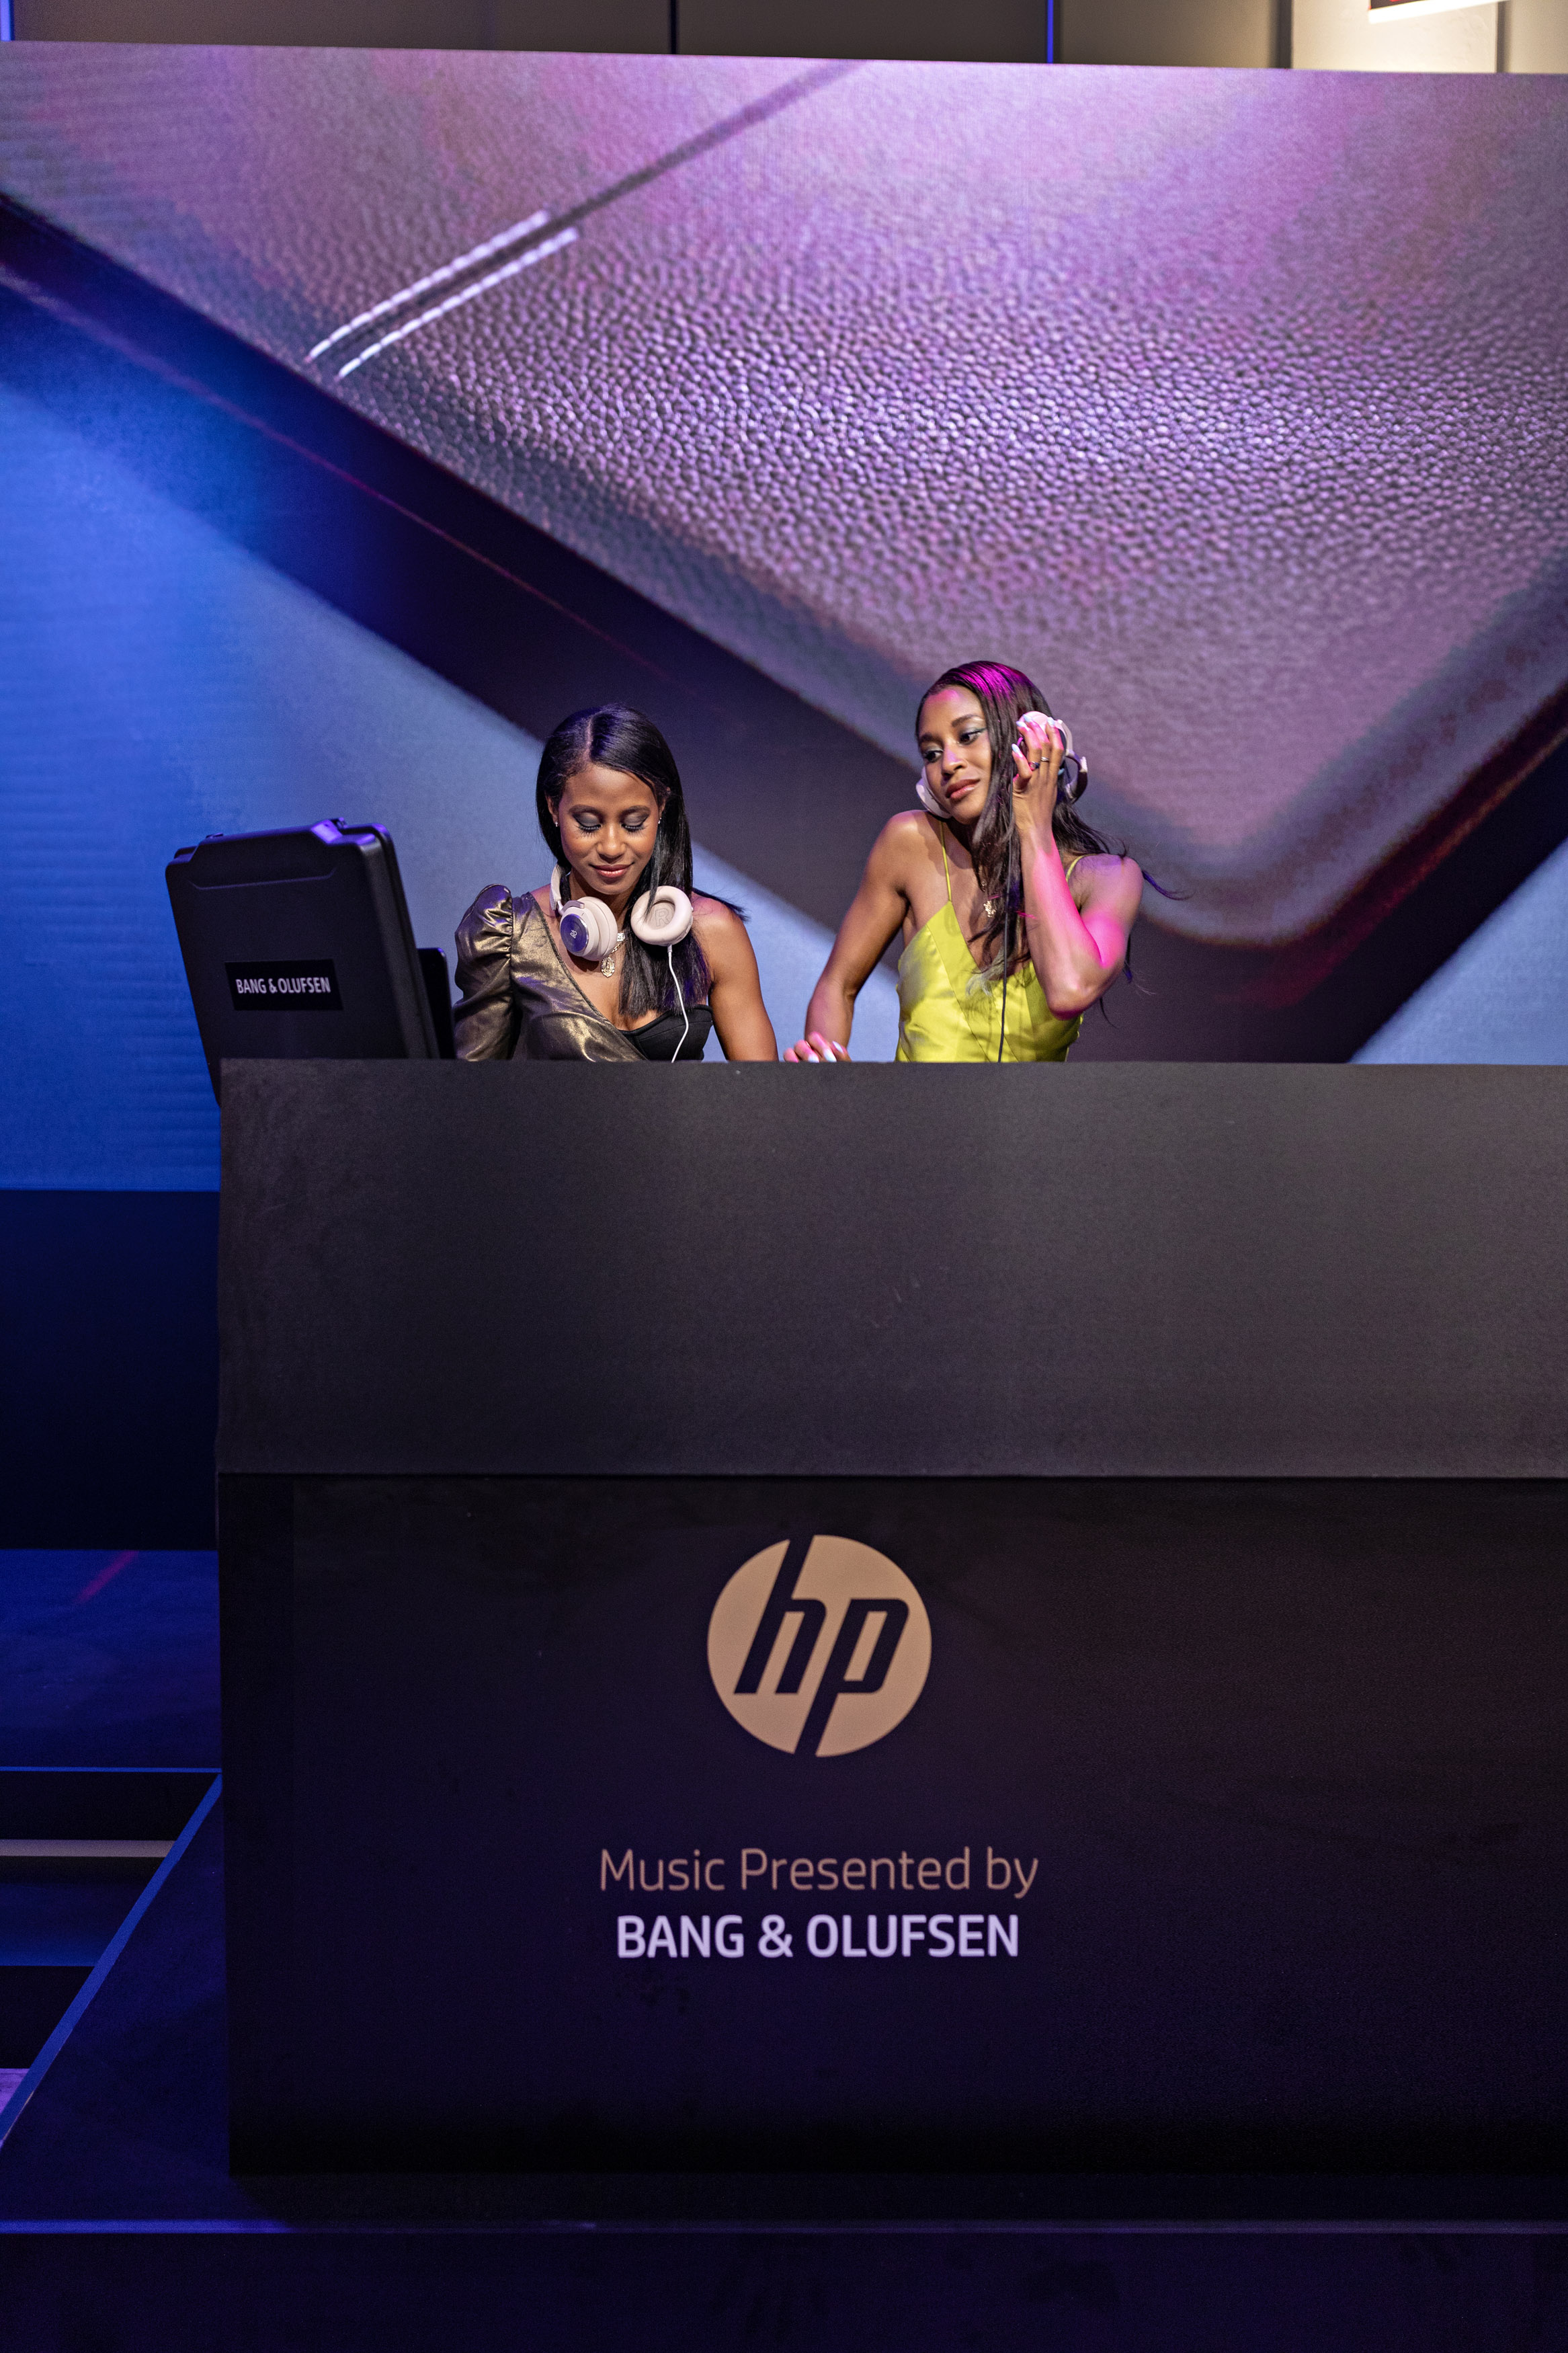 HP_2442.jpg